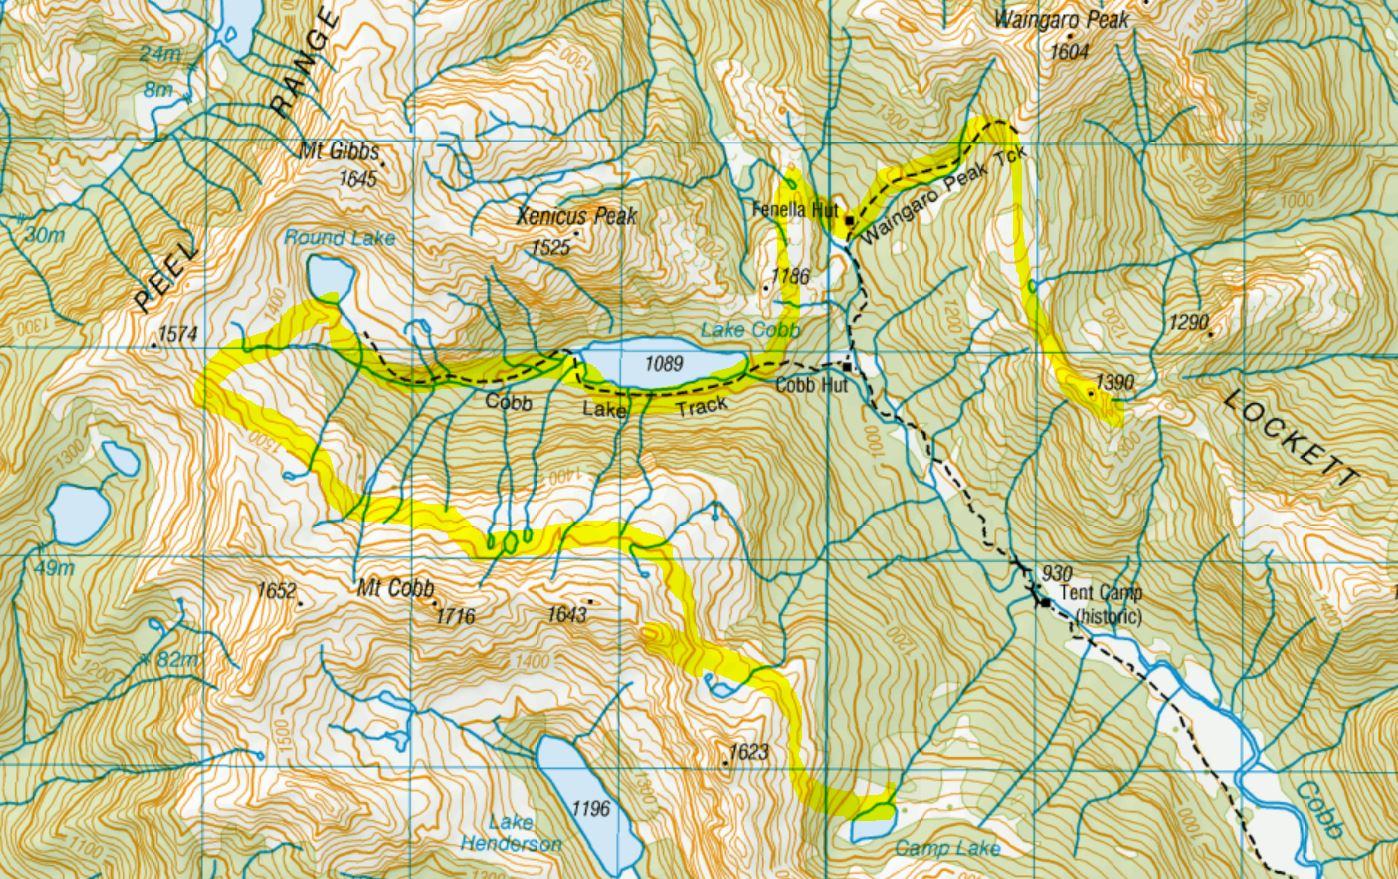 Day 2 - Waingaro Peak Track to Fenella hut, Lake Cobb, Round lake to Camp Lake